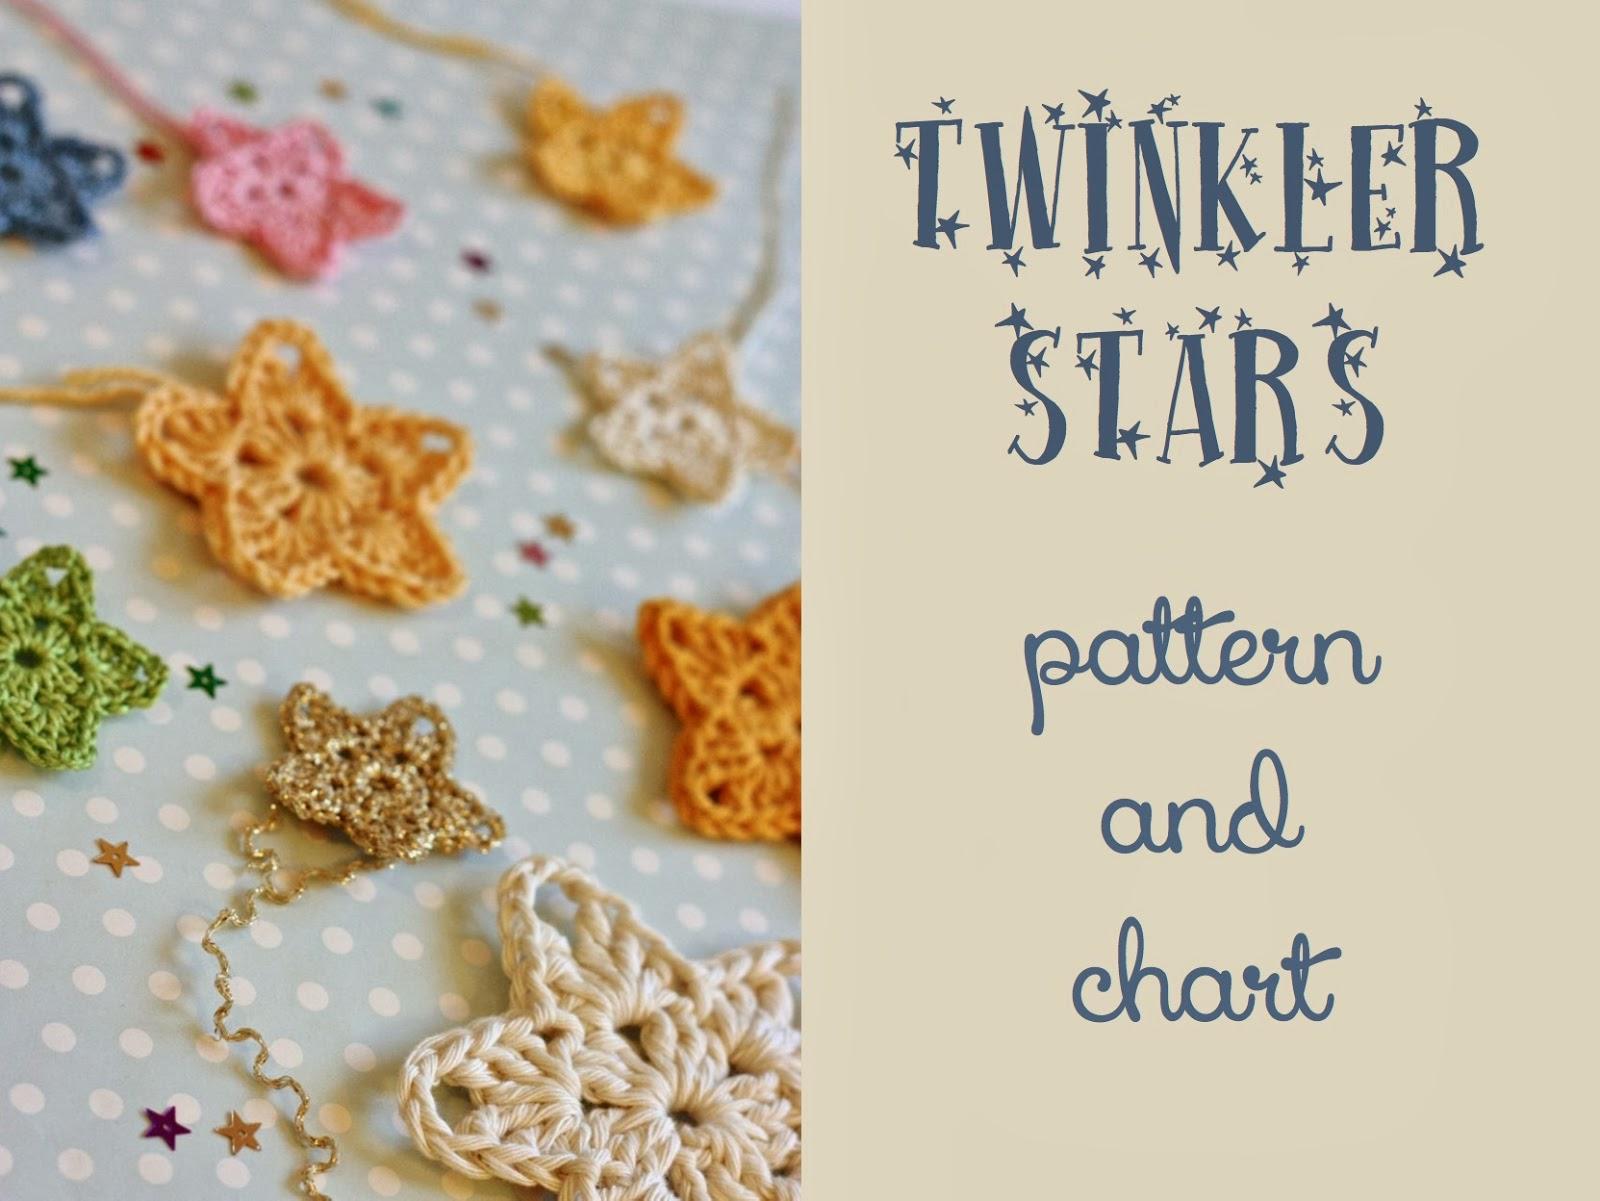 Twinkler Stars